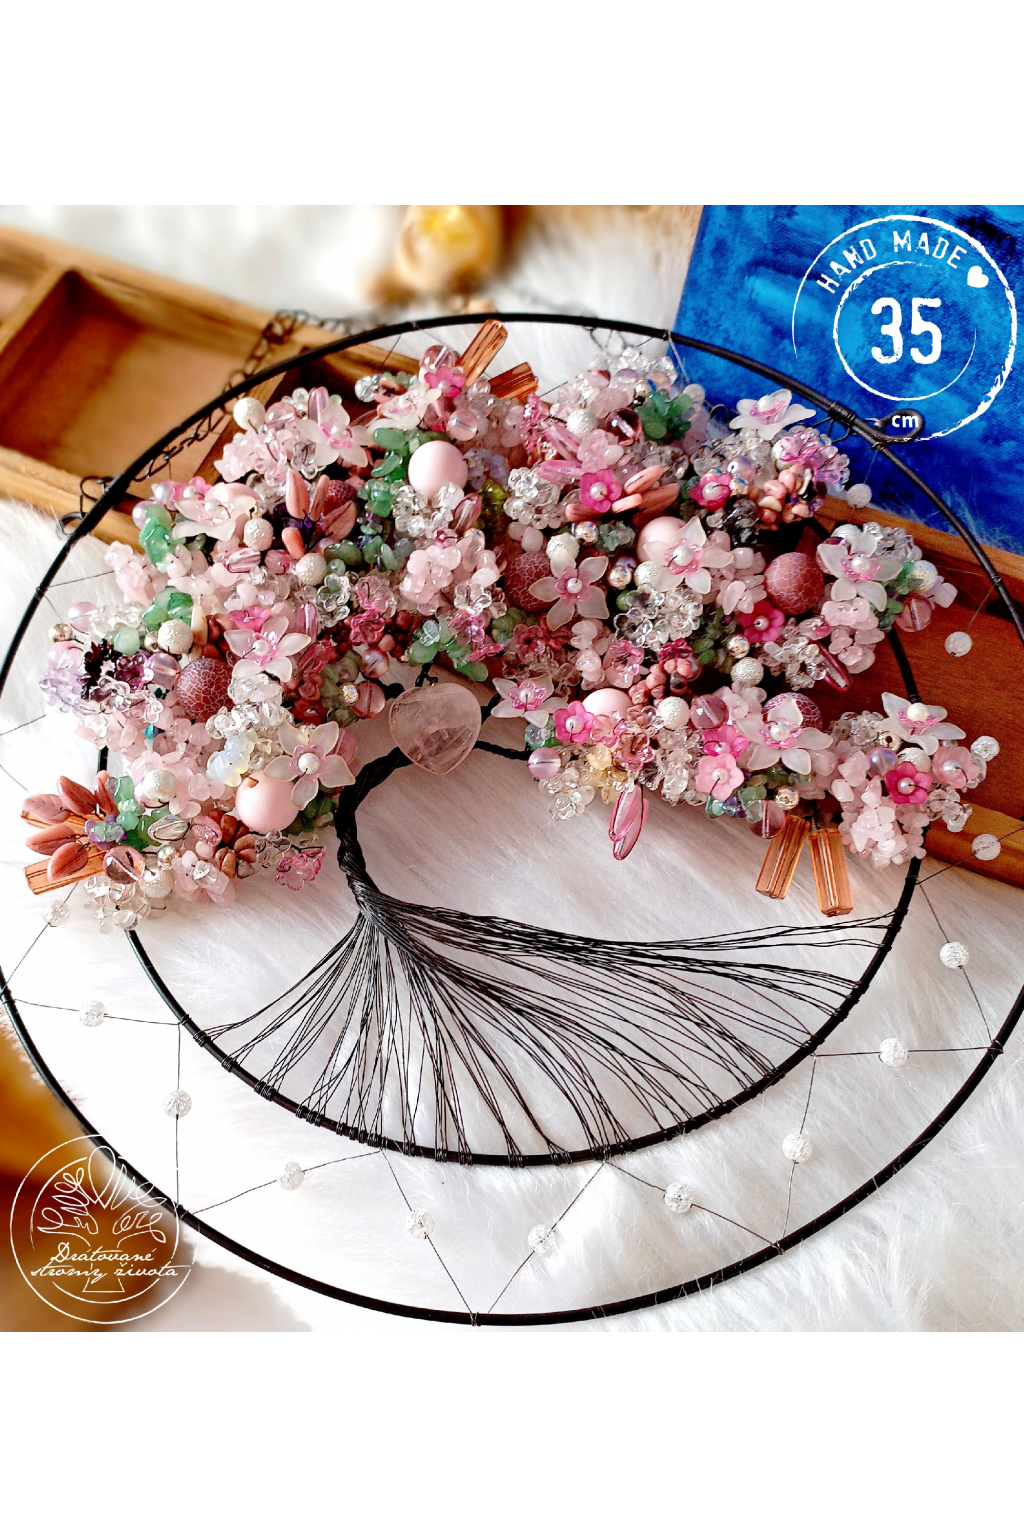 Strom života Polodrahokamy  Laskavé srdce 35cm